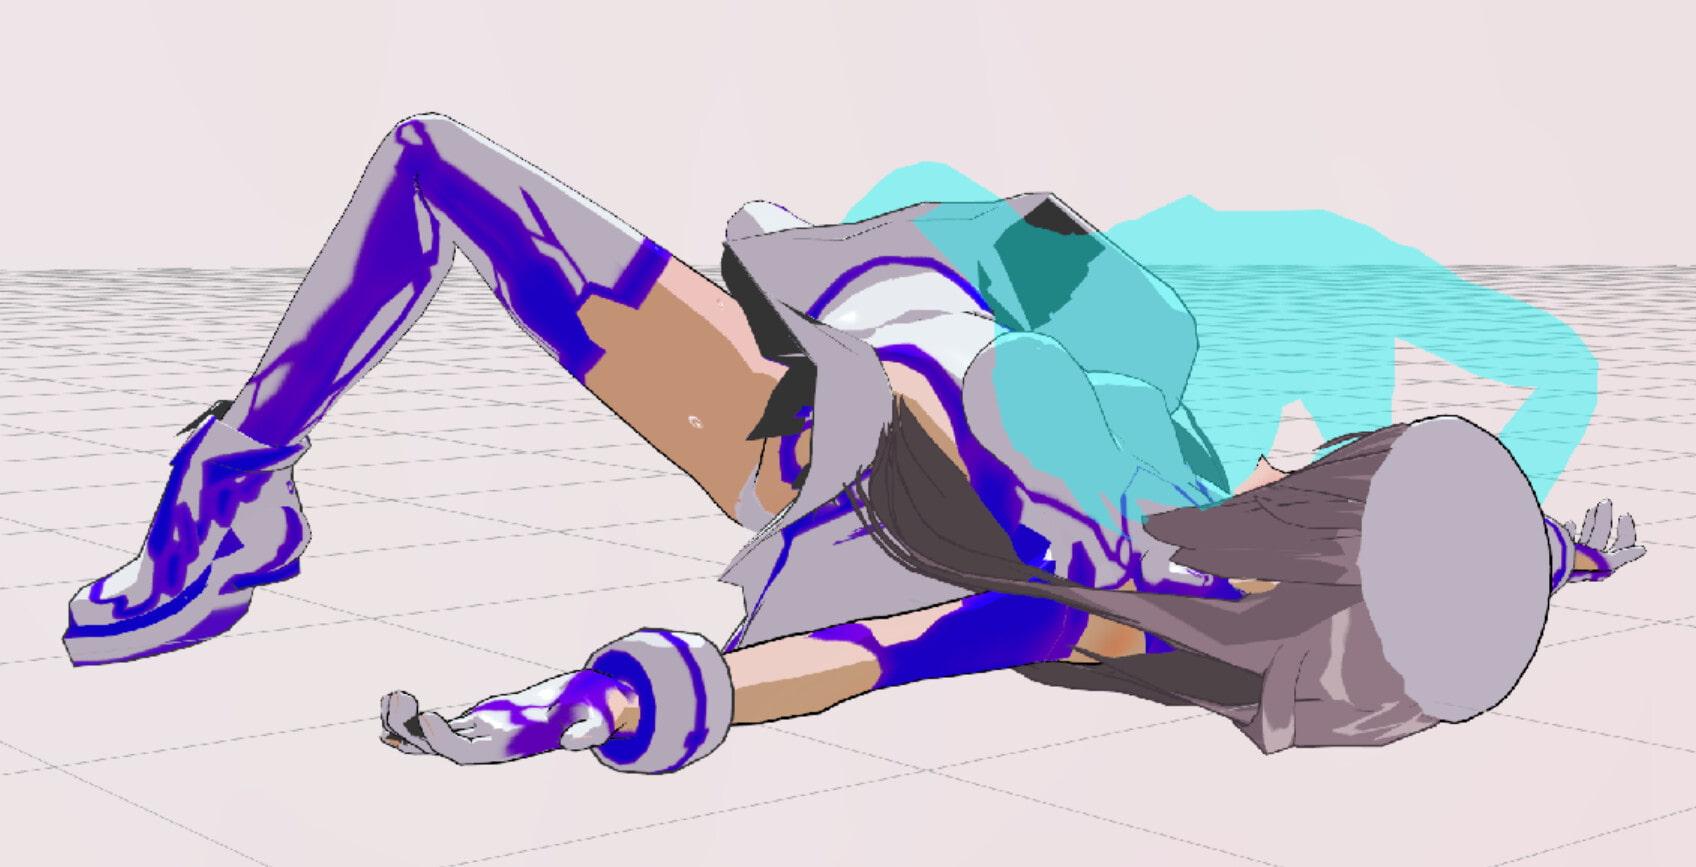 3Dカスタム少女追加モーション混在SmallPack4(てまーん)